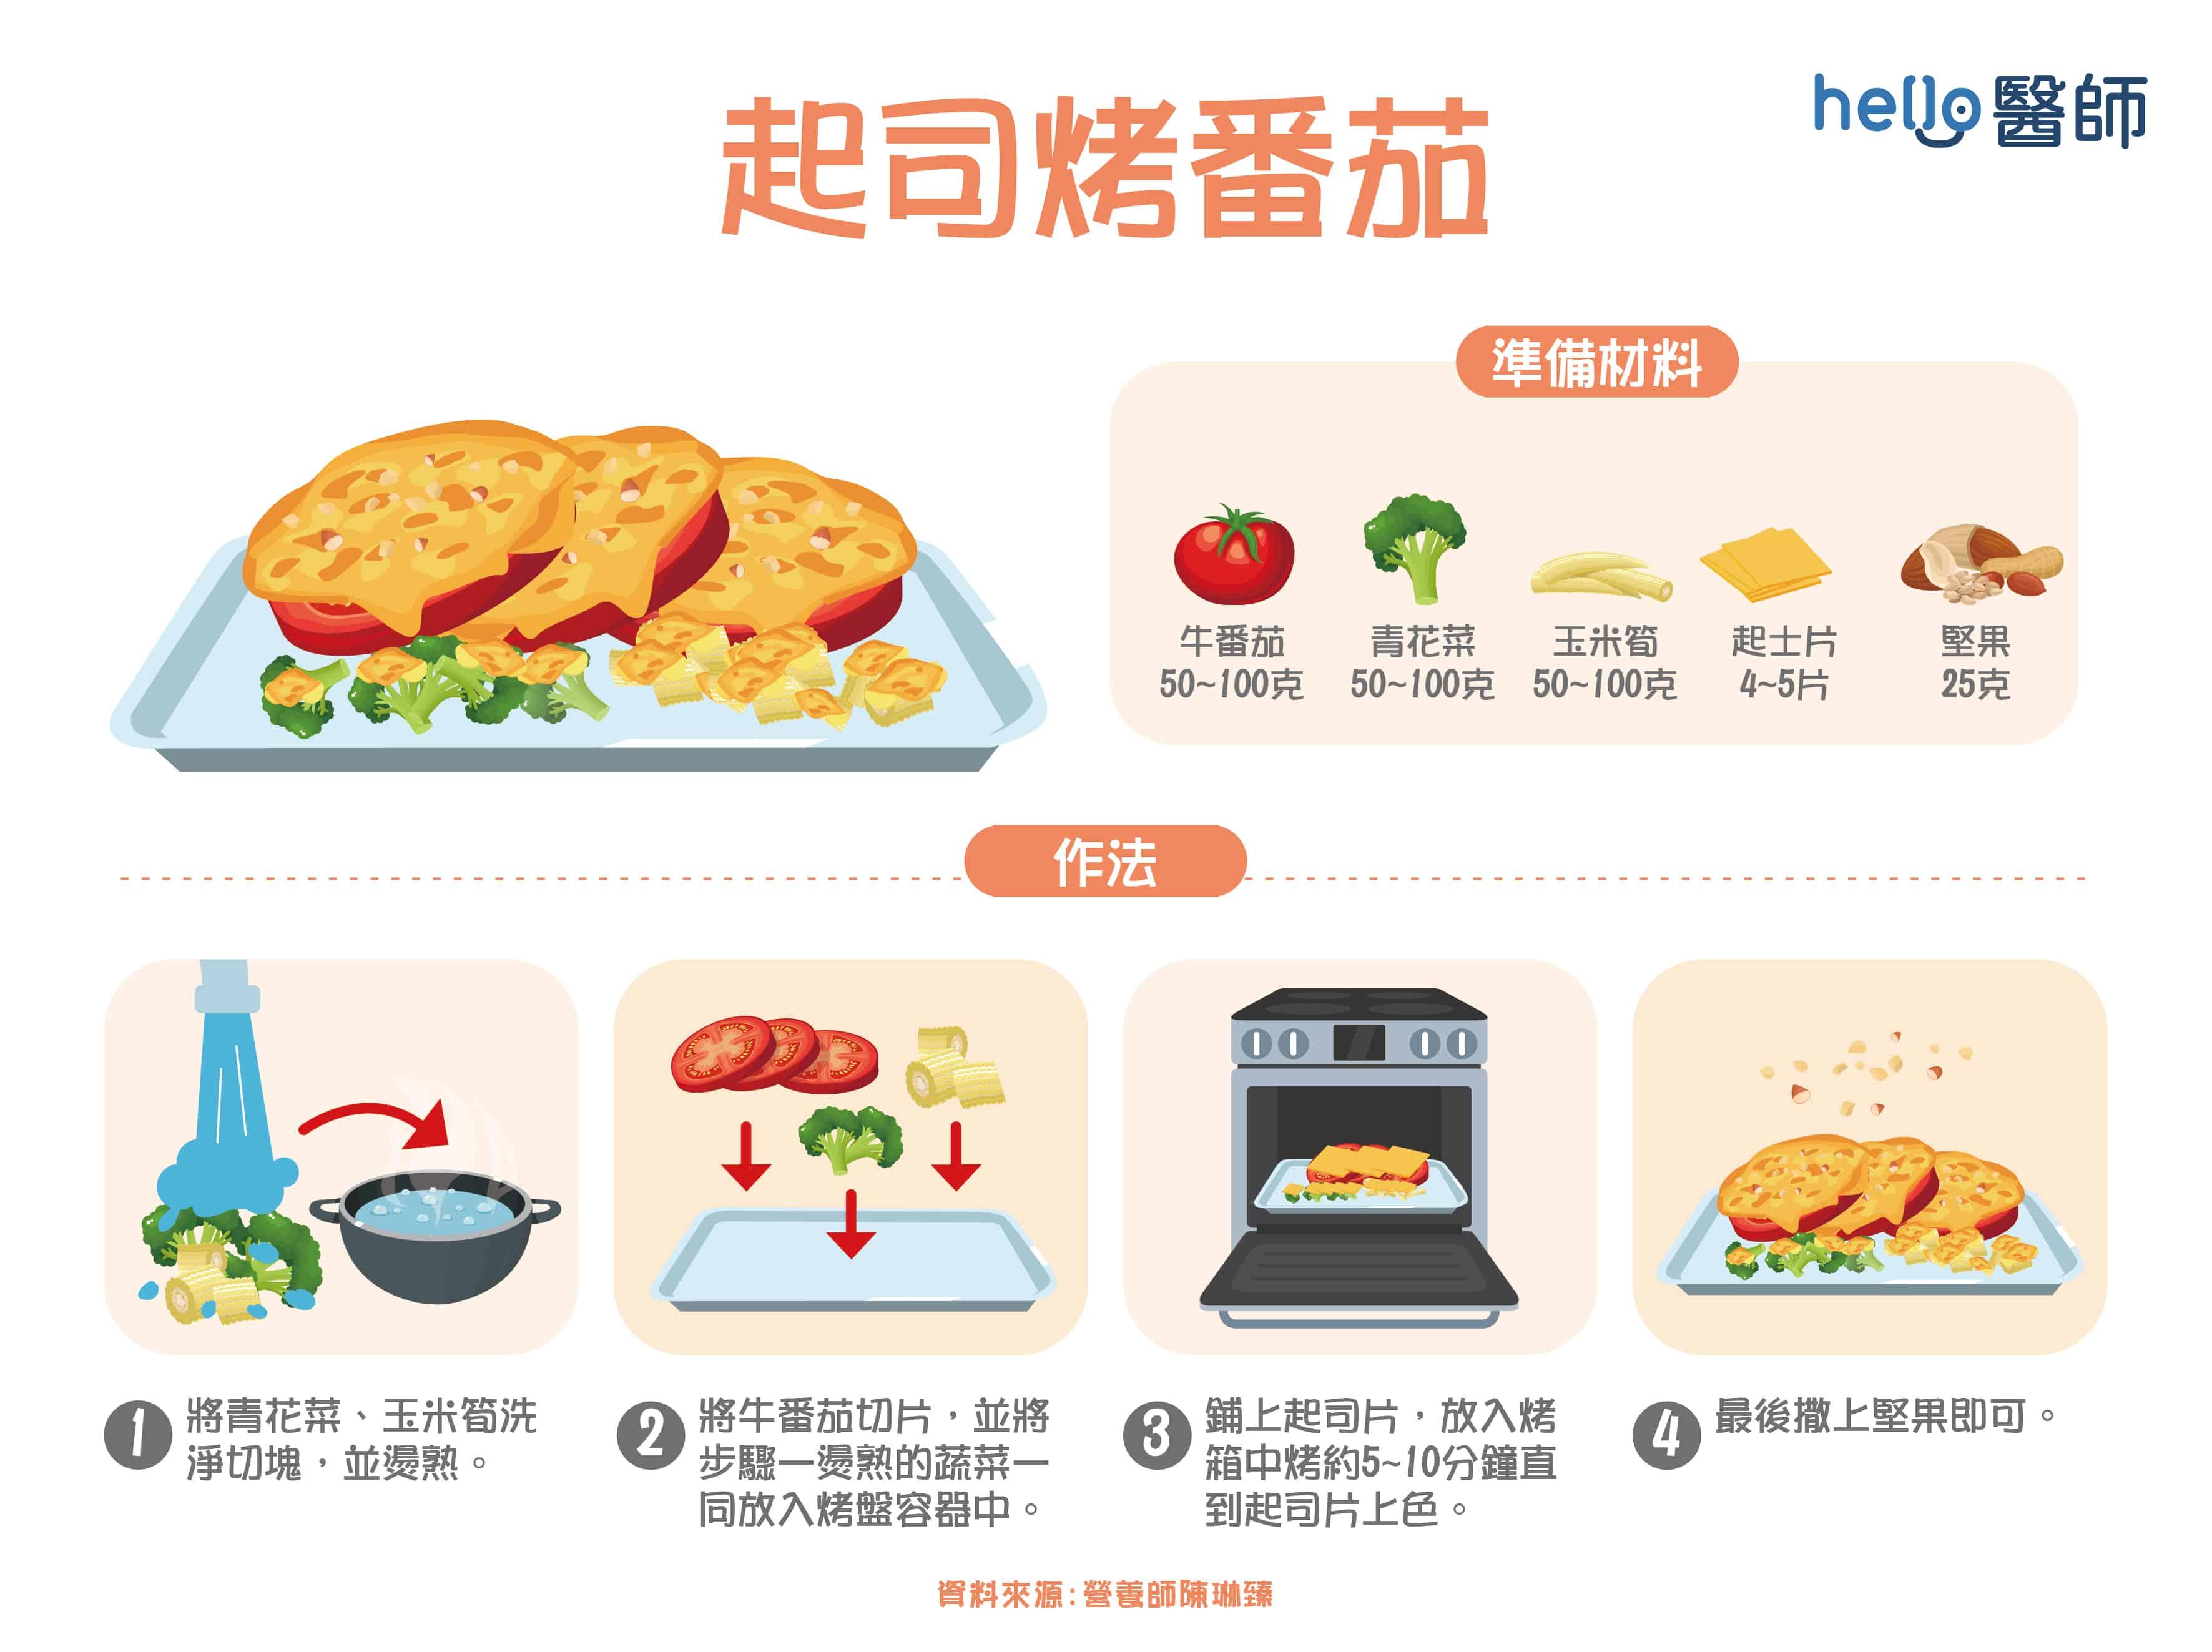 兩種簡單方便的堅果食譜